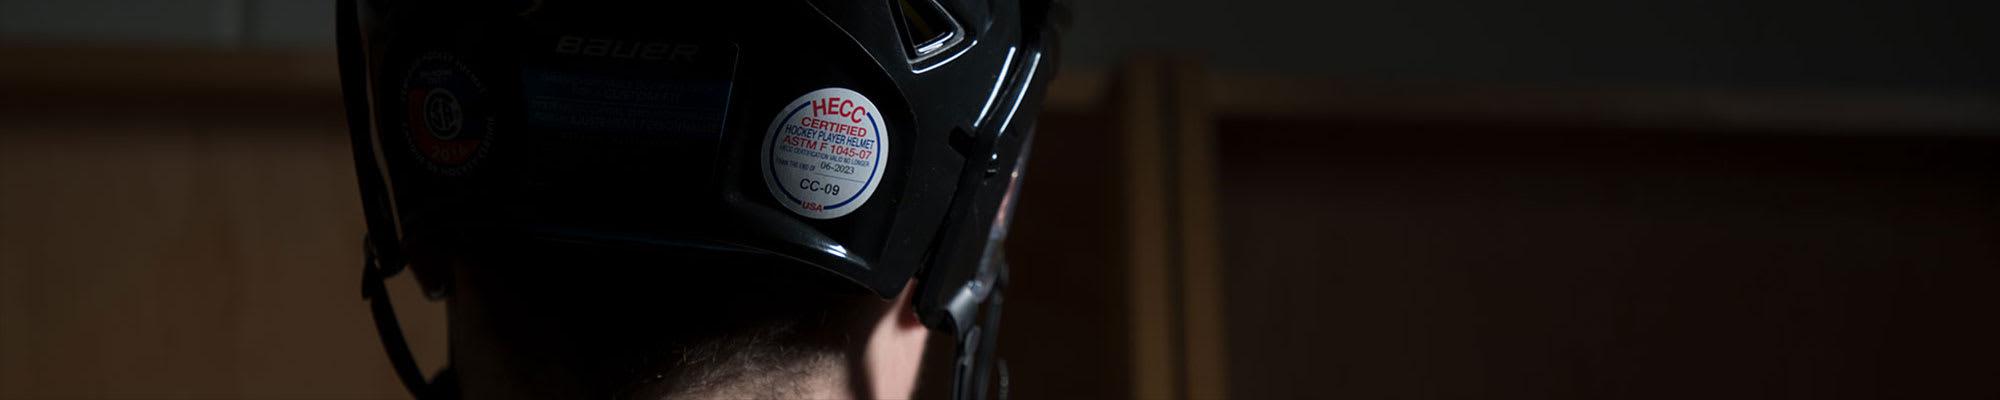 Do Hockey Helmets Expire?